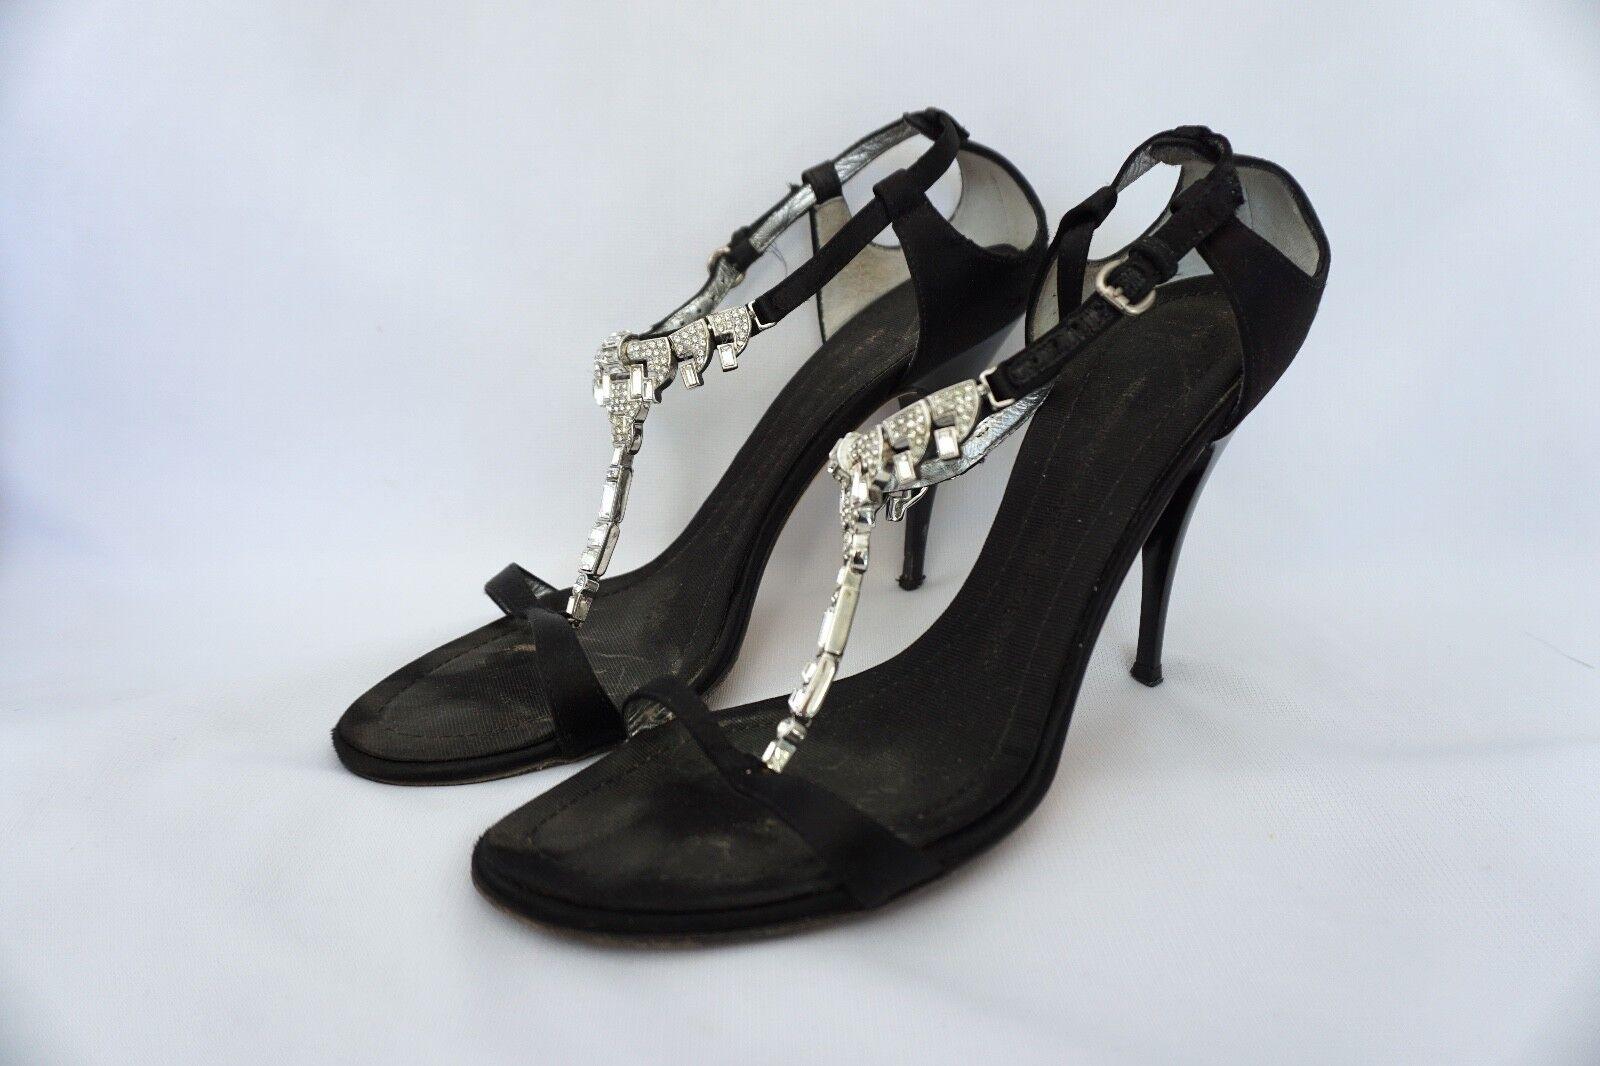 Giuseppe Zanotti Elegant Evening Rhinestone Embellished Round Toe Sandals  795